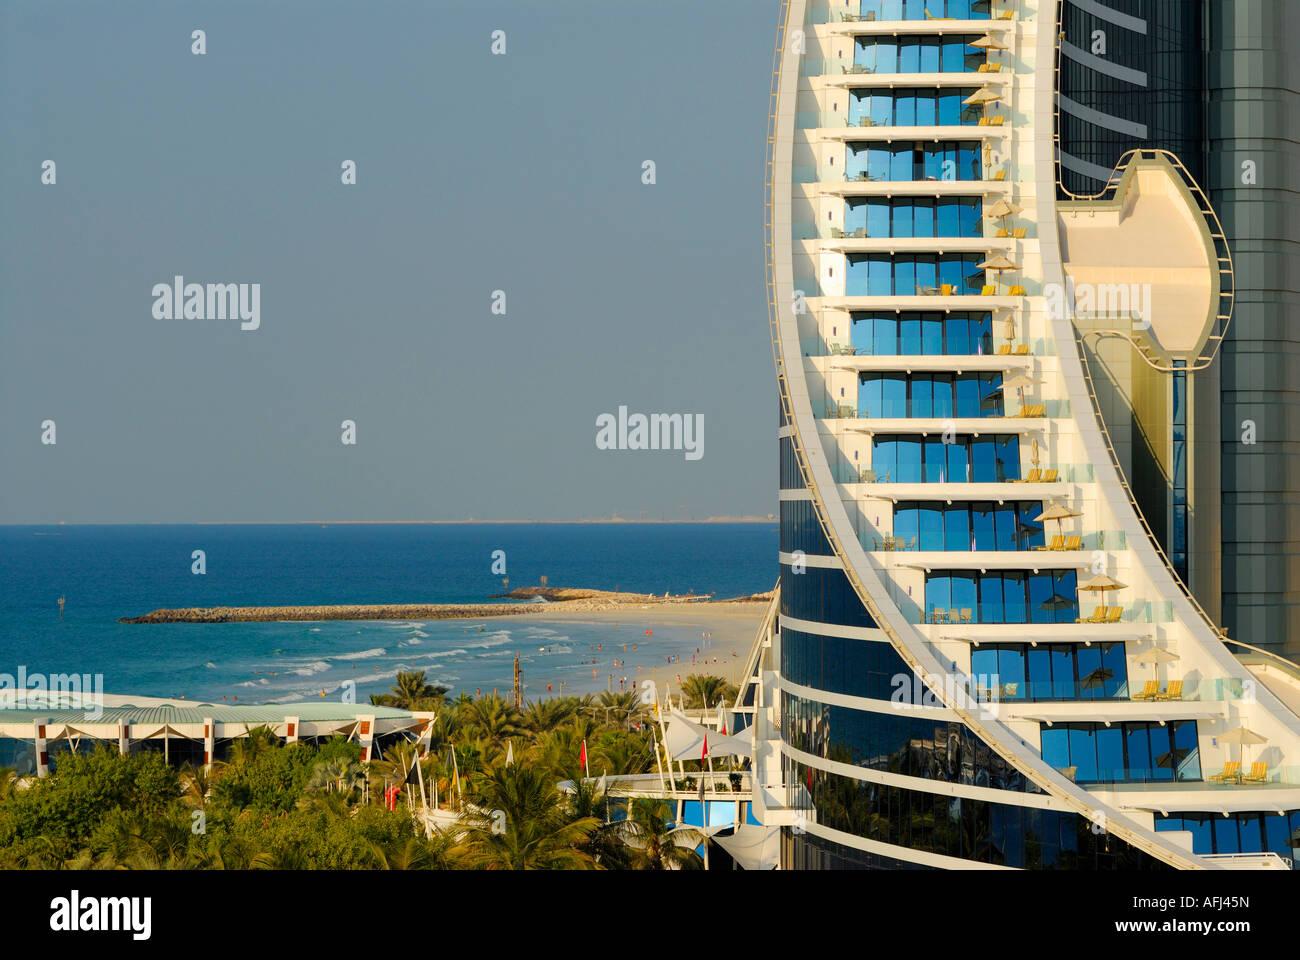 Habitaciones con balcón, el Jumeirah Beach Hotel, Dubai, Emiratos Árabes Unidos. Imagen De Stock